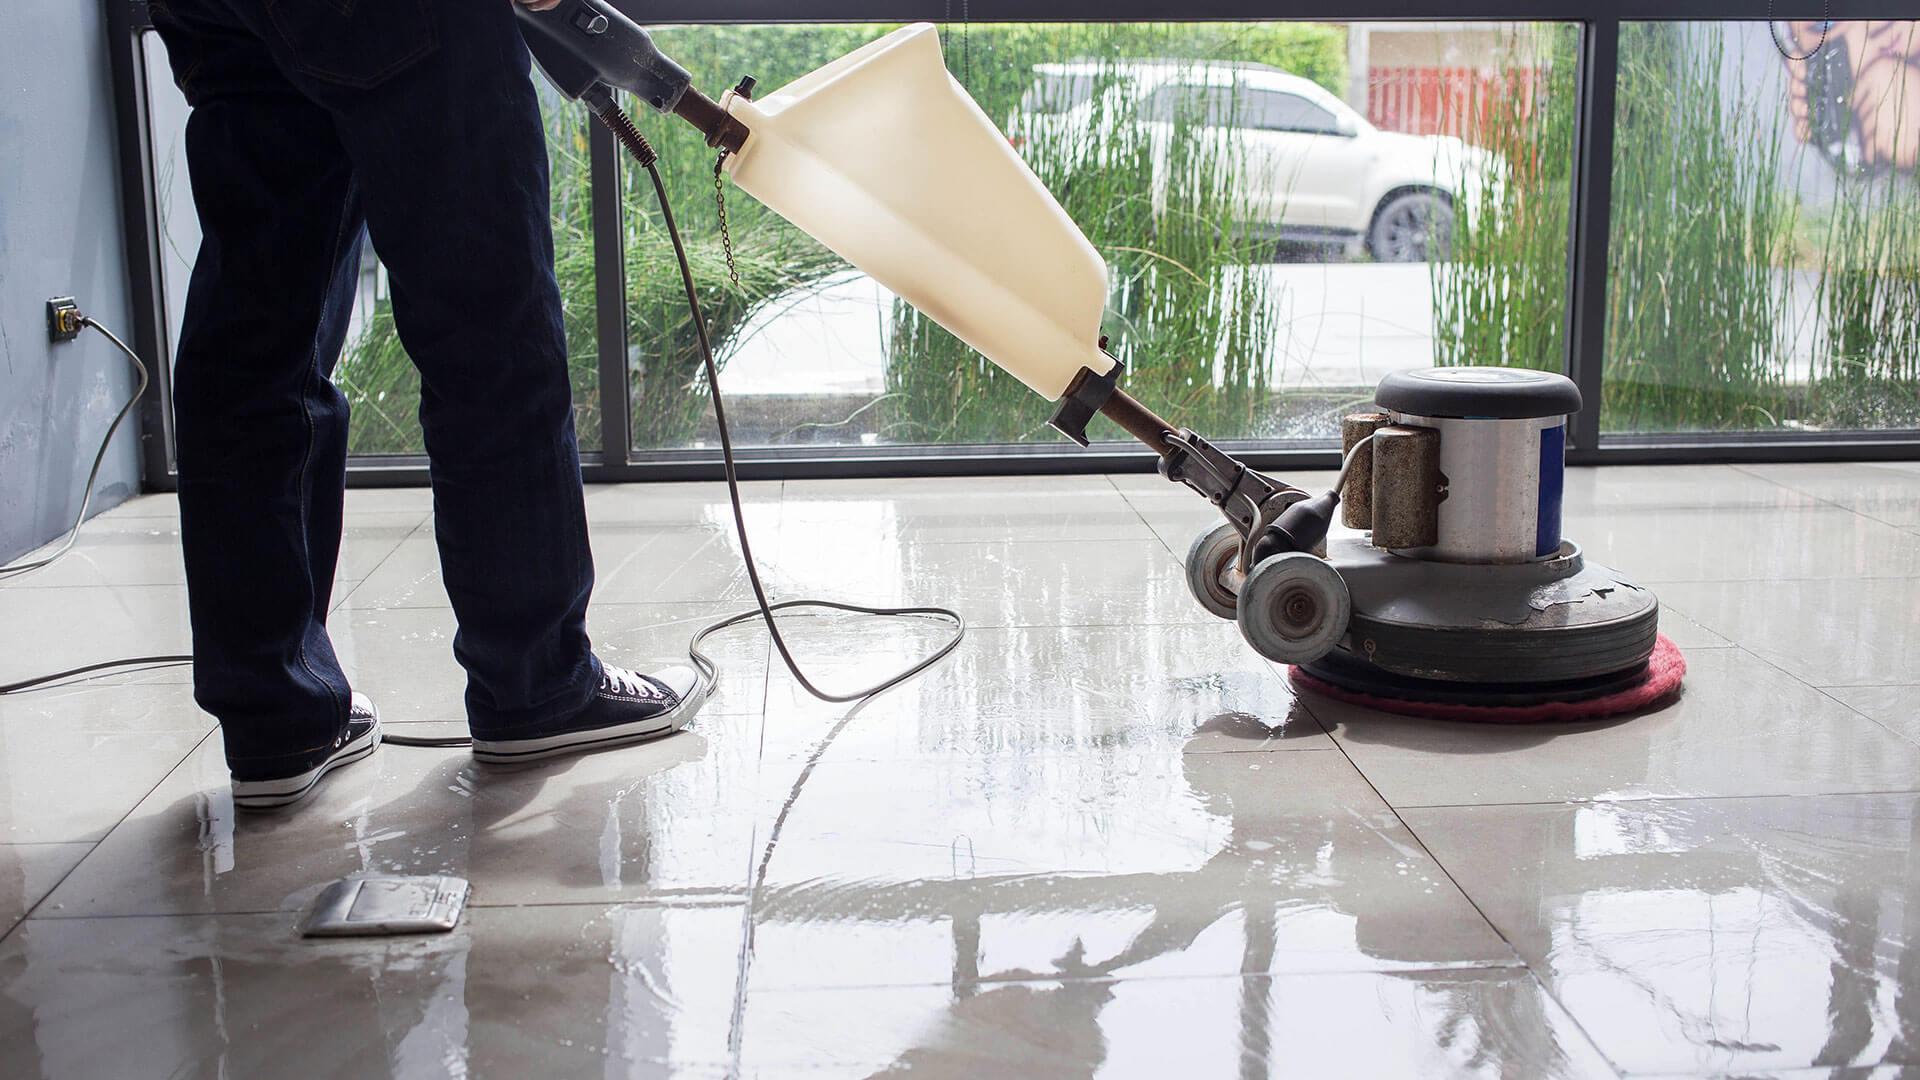 Worker polishing floor